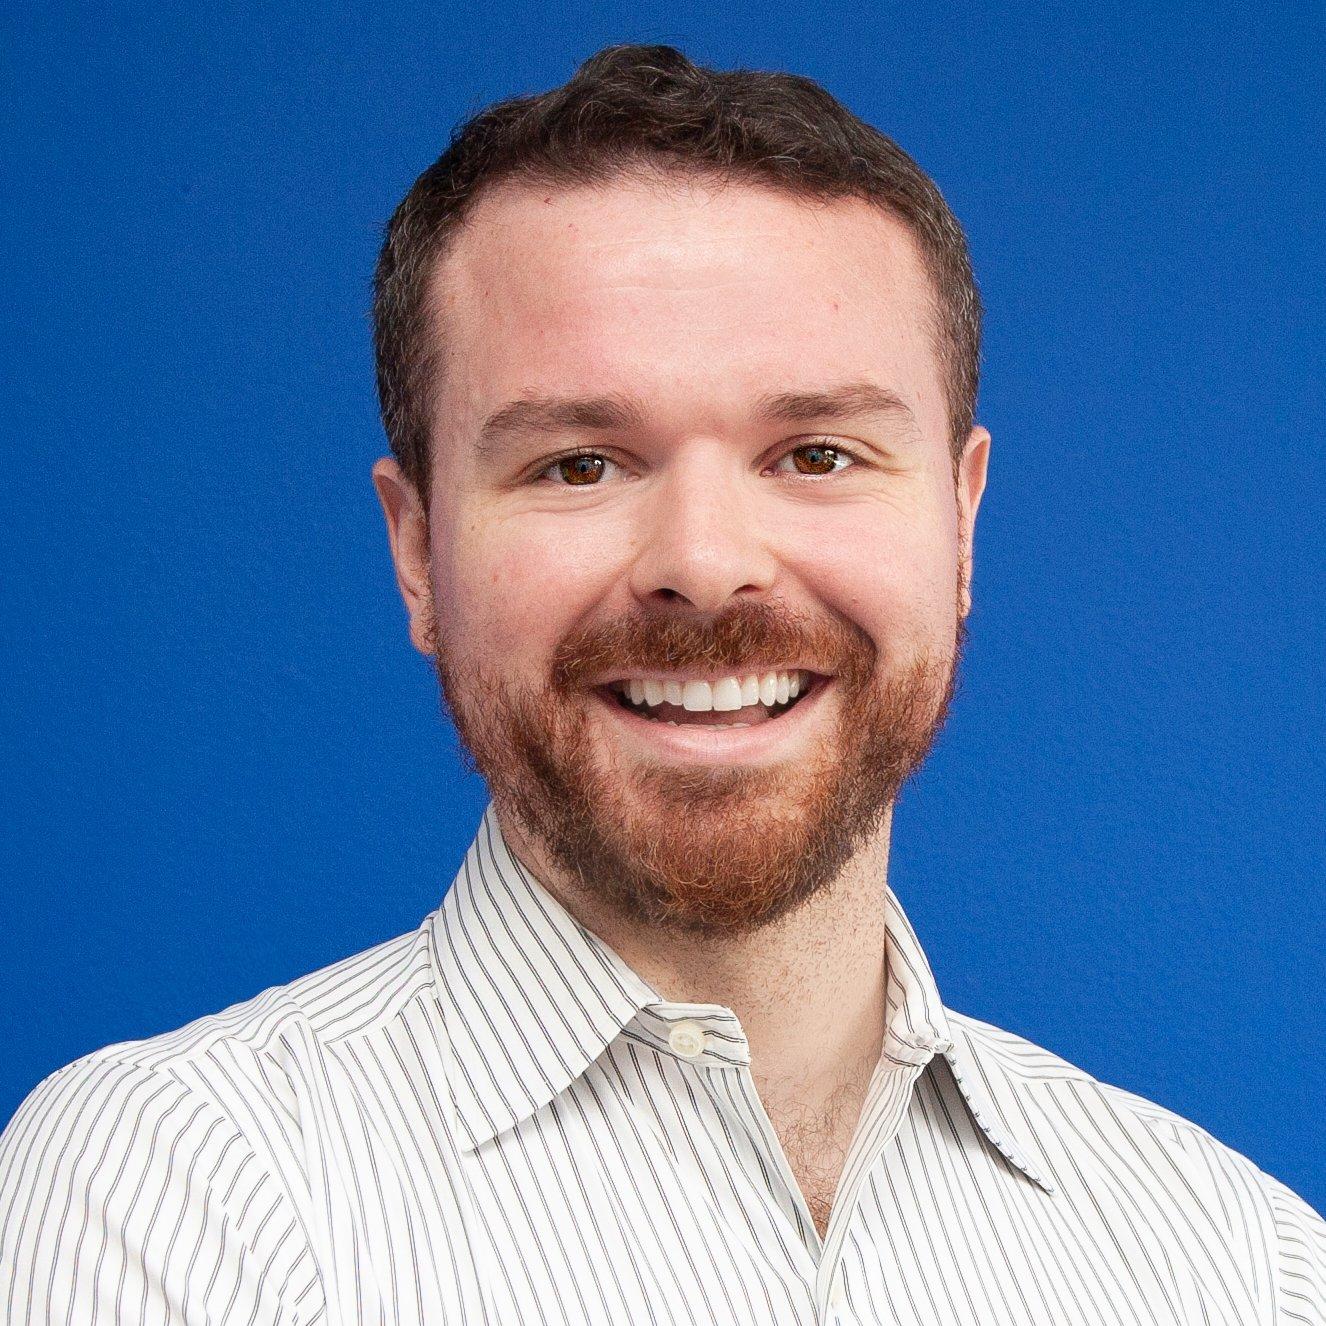 Dennis O'Reilly